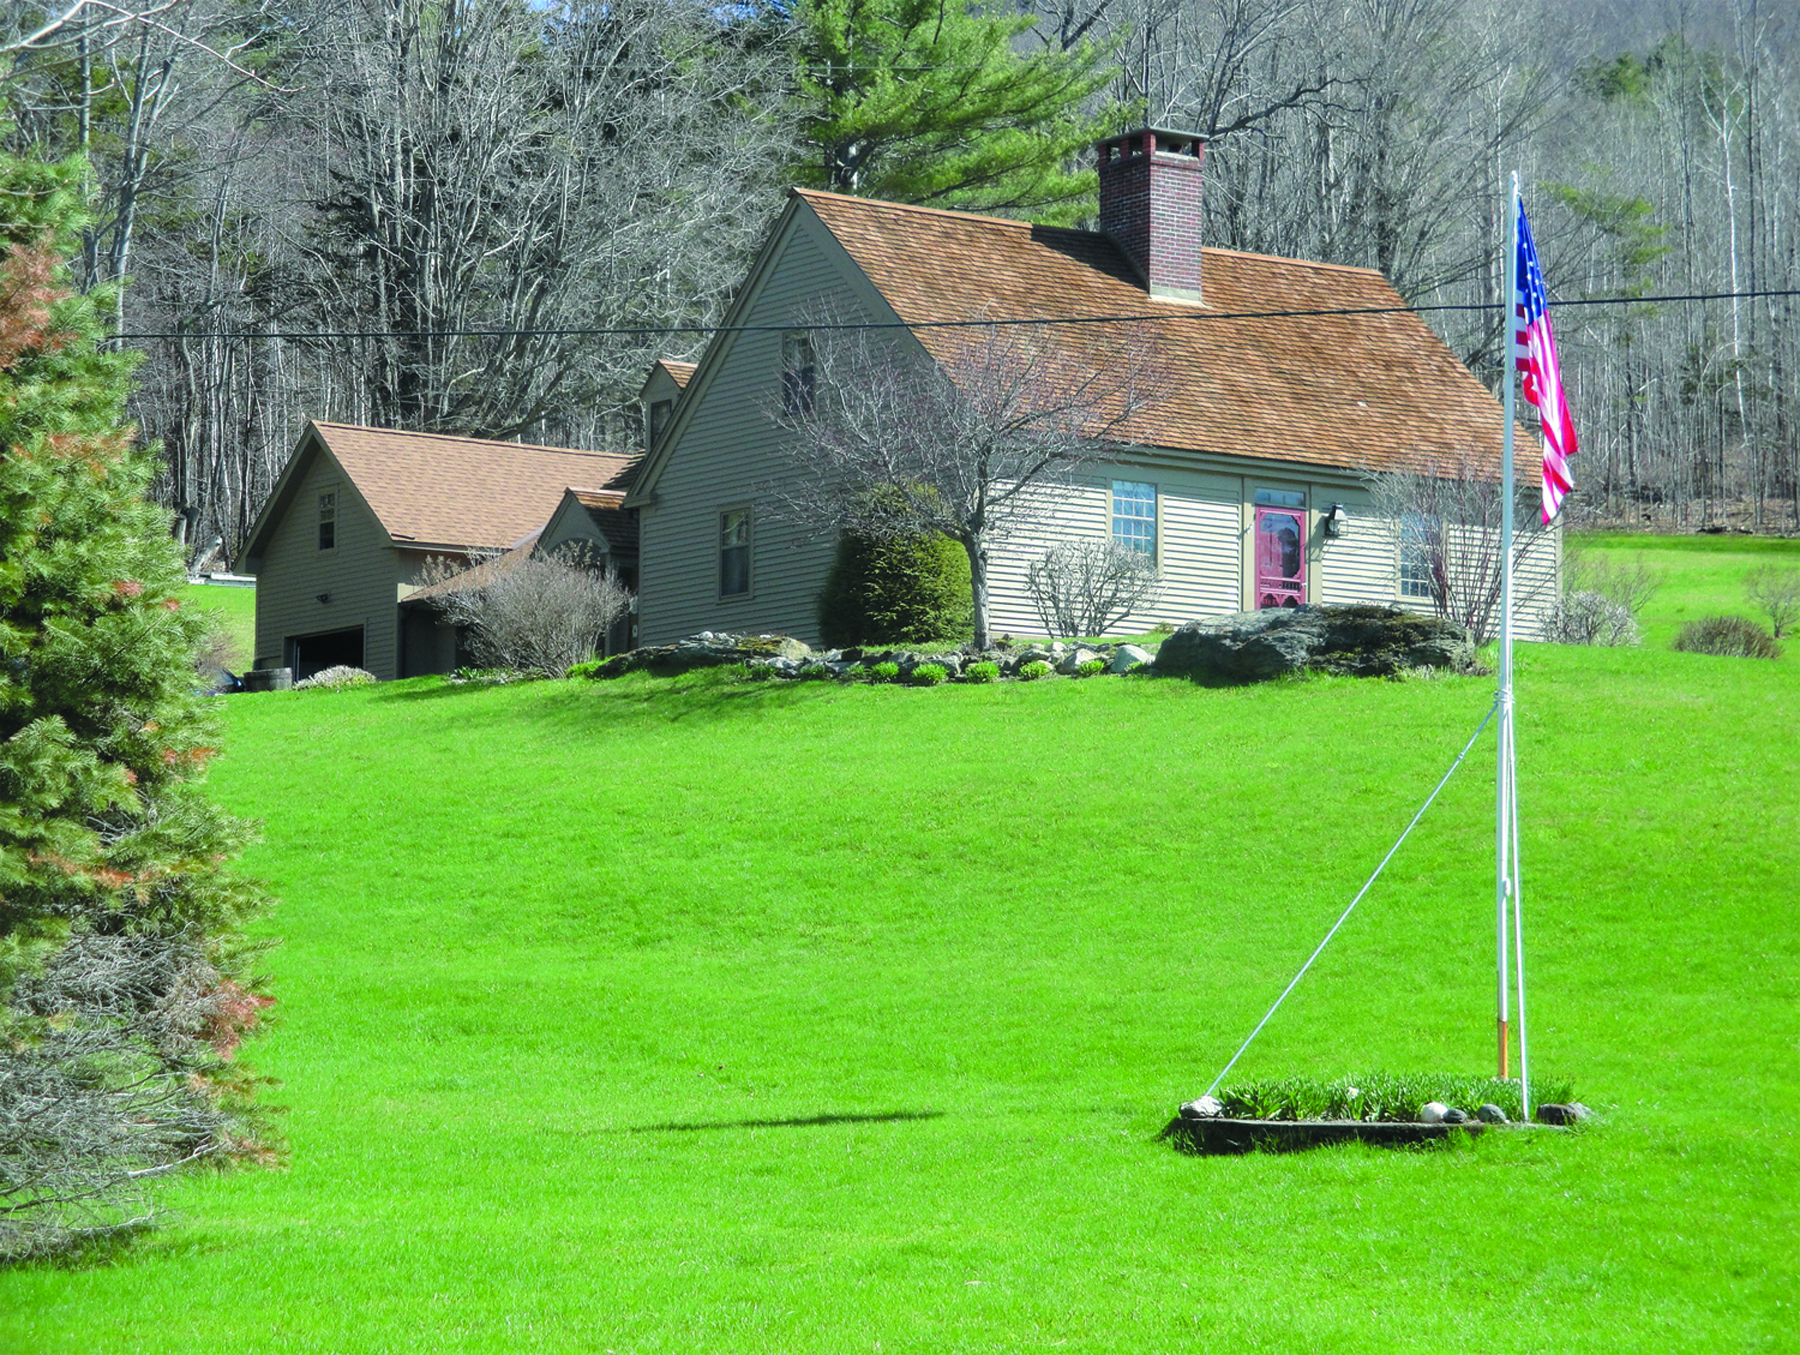 Частный односемейный дом для того Продажа на 1920 Green Hill, Danby 1920 Green Hill Rd Danby, 05739 Соединенные Штаты